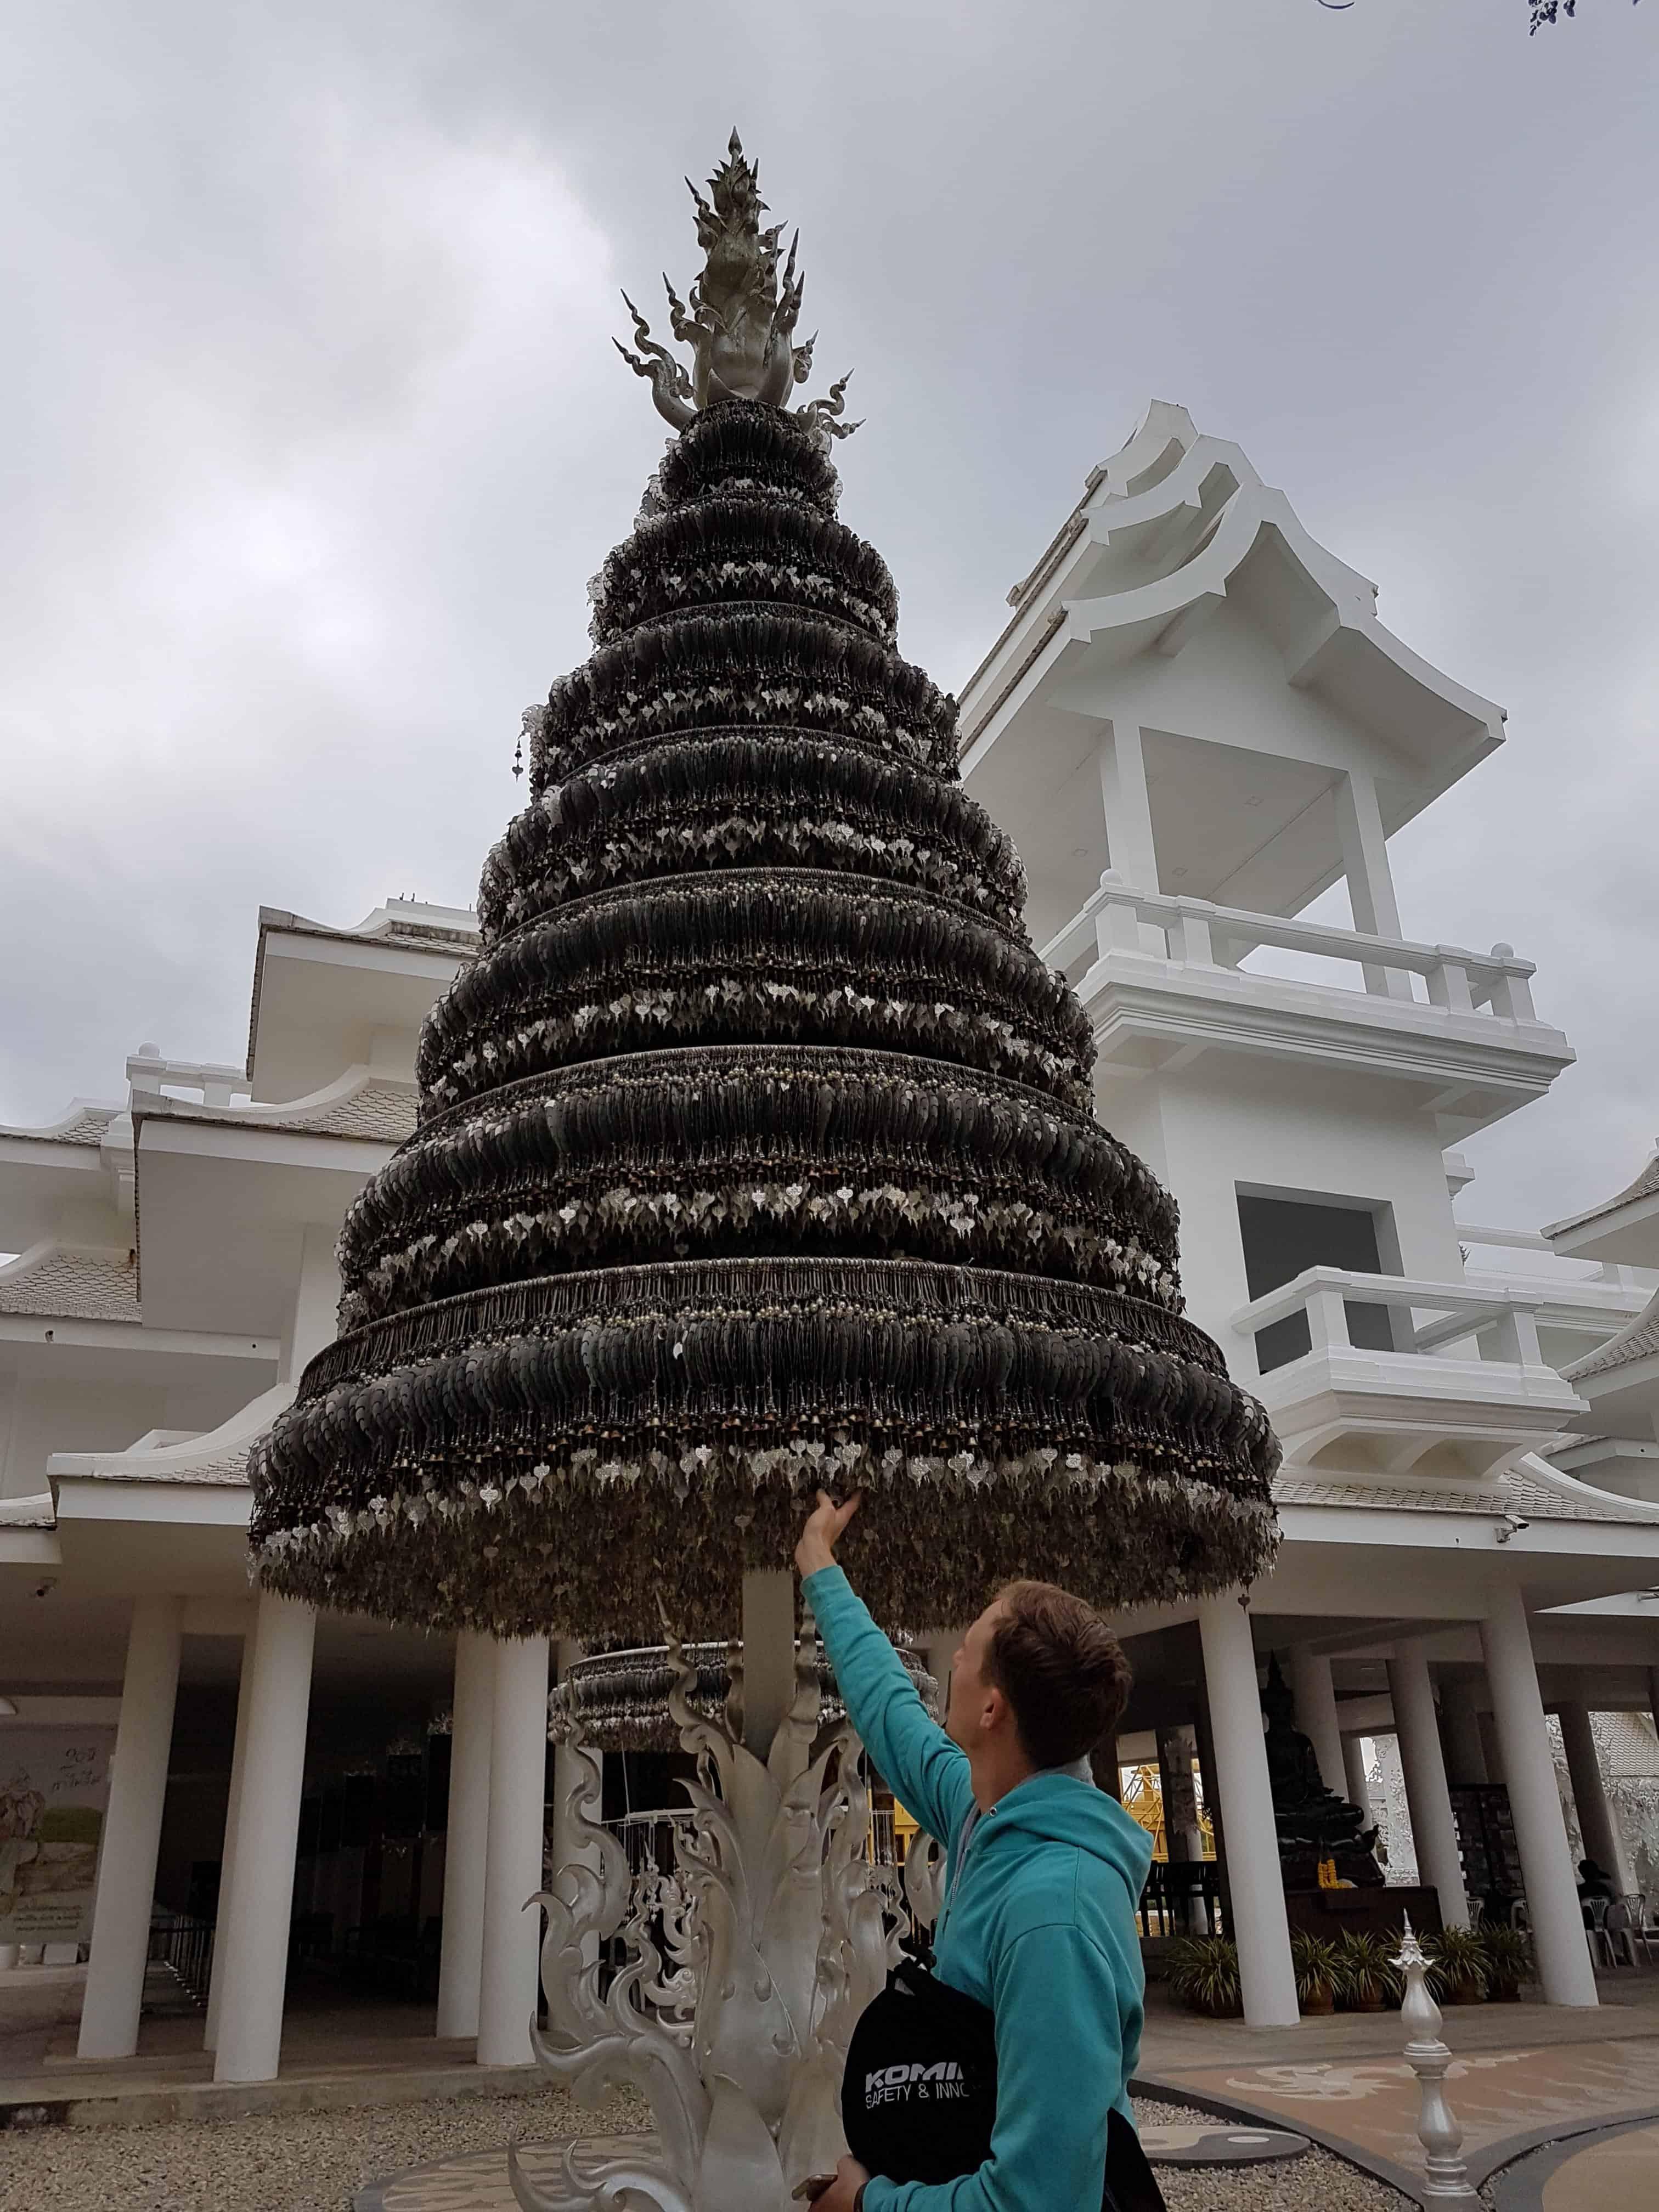 Thaïlande, balade dans la province de Chiang Rai 🍜 2